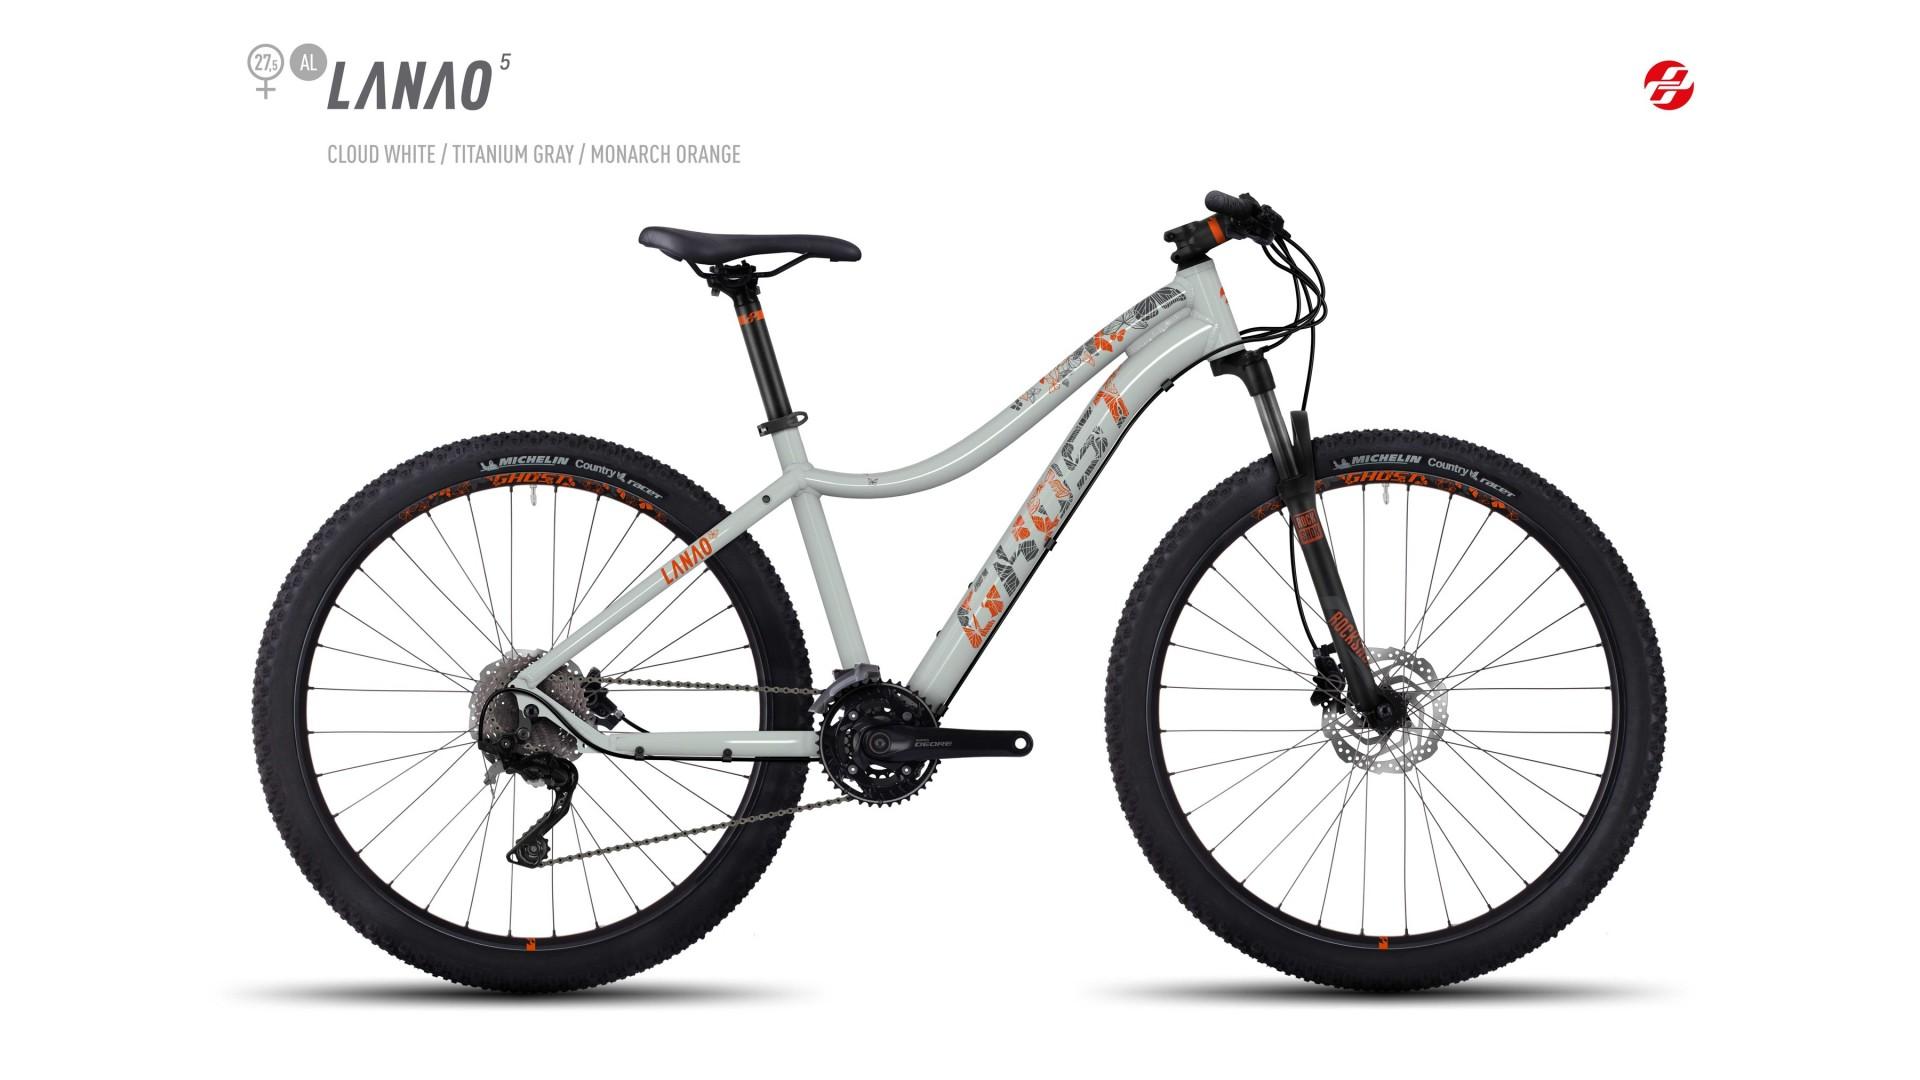 Велосипед GHOST Lanao 5 AL 27.5 cloudwhite/titaniumgrey/monarchorange год 2017